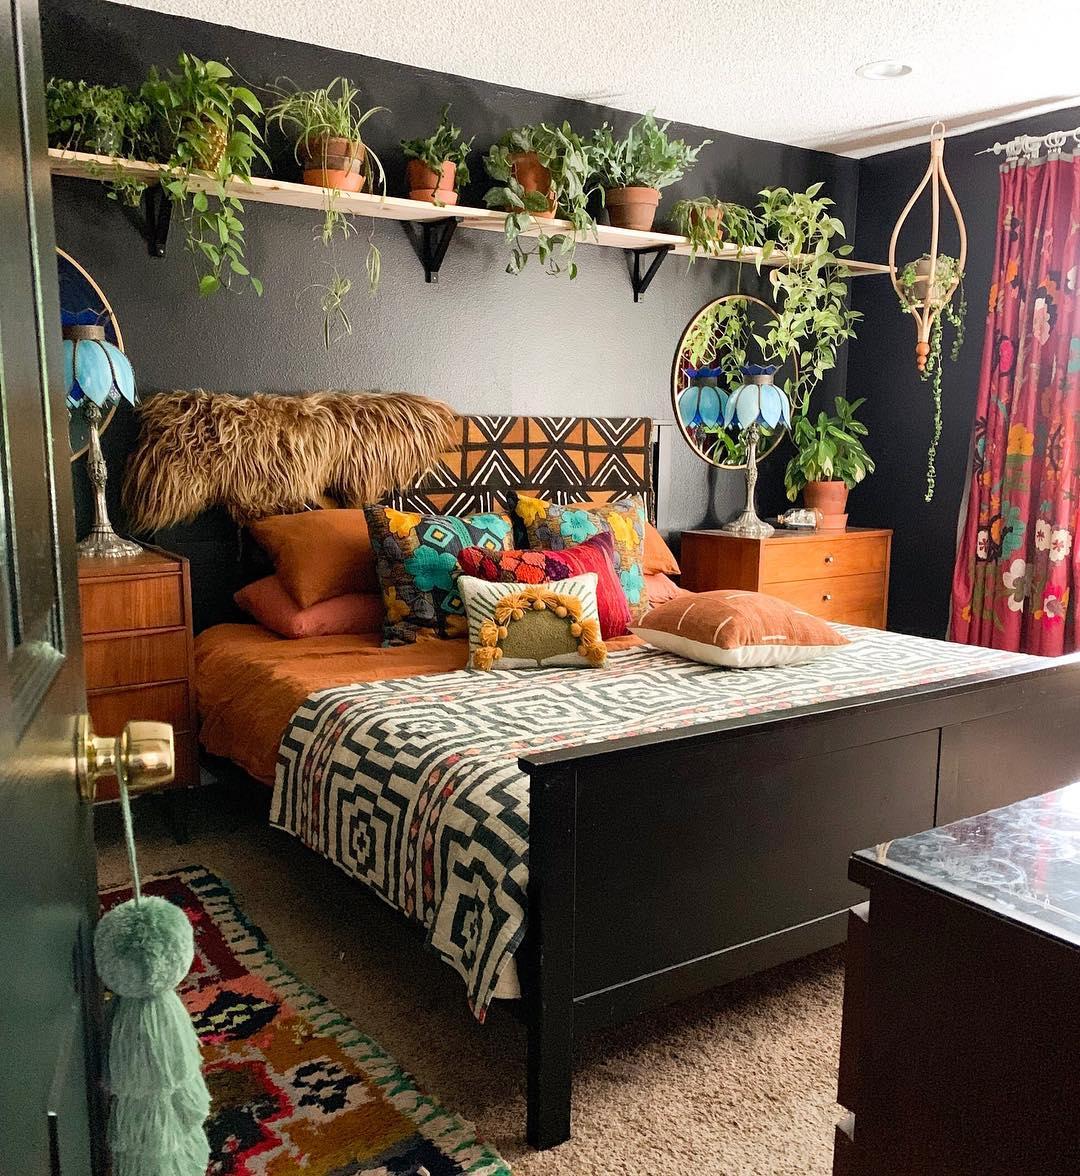 tendências de decoração de interiores (14)